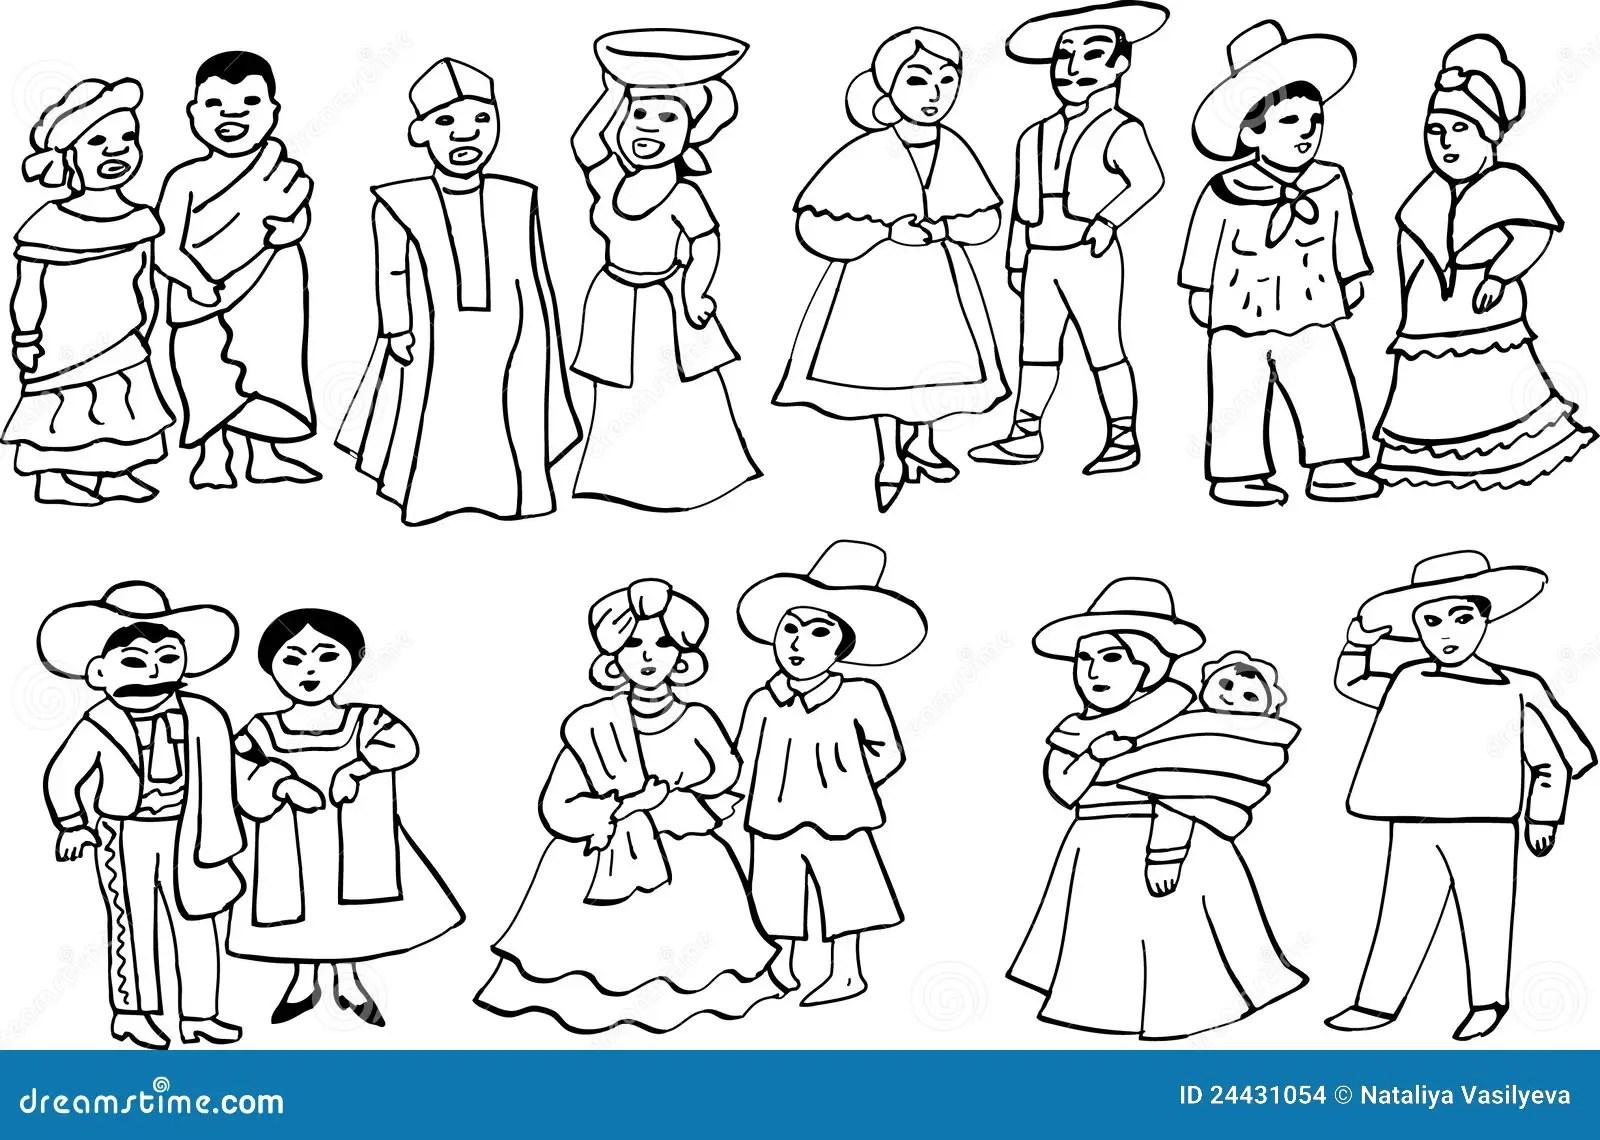 Trajes Nacionais Africanos E Latino Americanos Imagens De